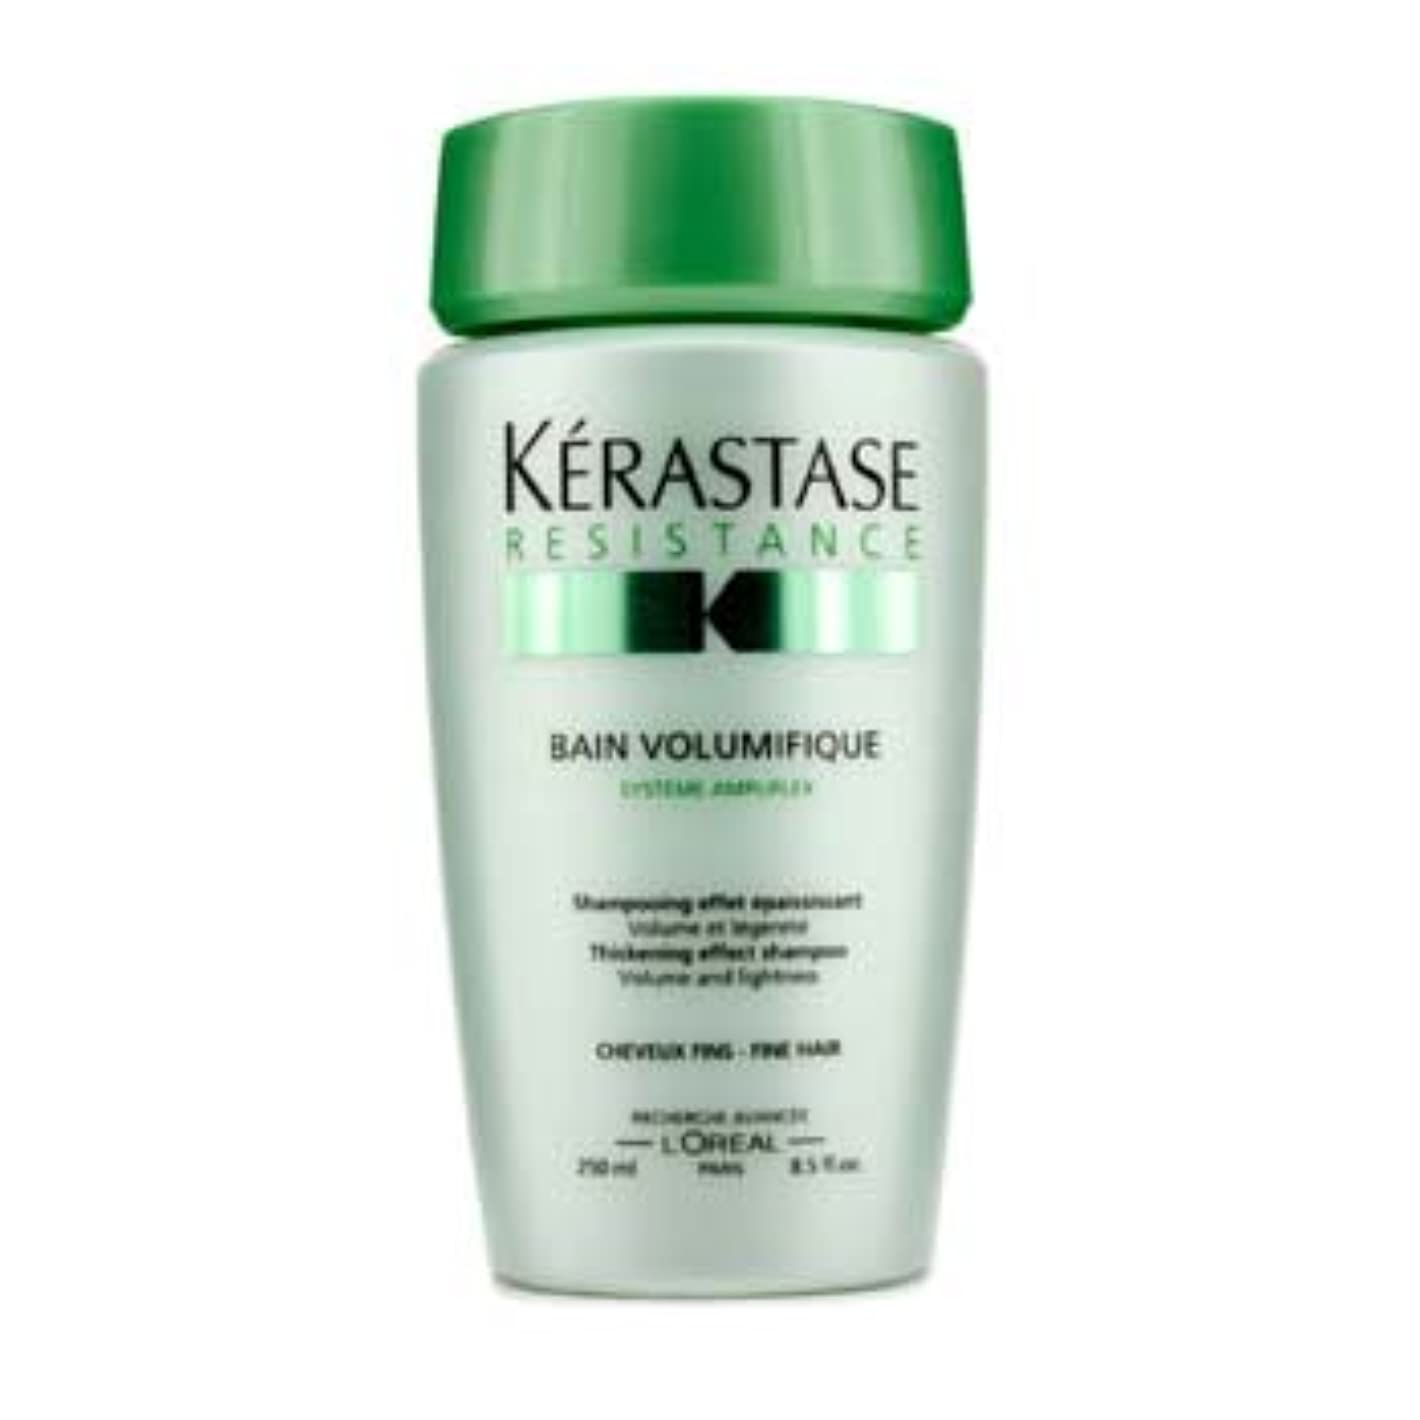 許さない背景付属品[Kerastase] Resistance Bain Volumifique Thickening Effect Shampoo (For Fine Hair) 250ml/8.5oz